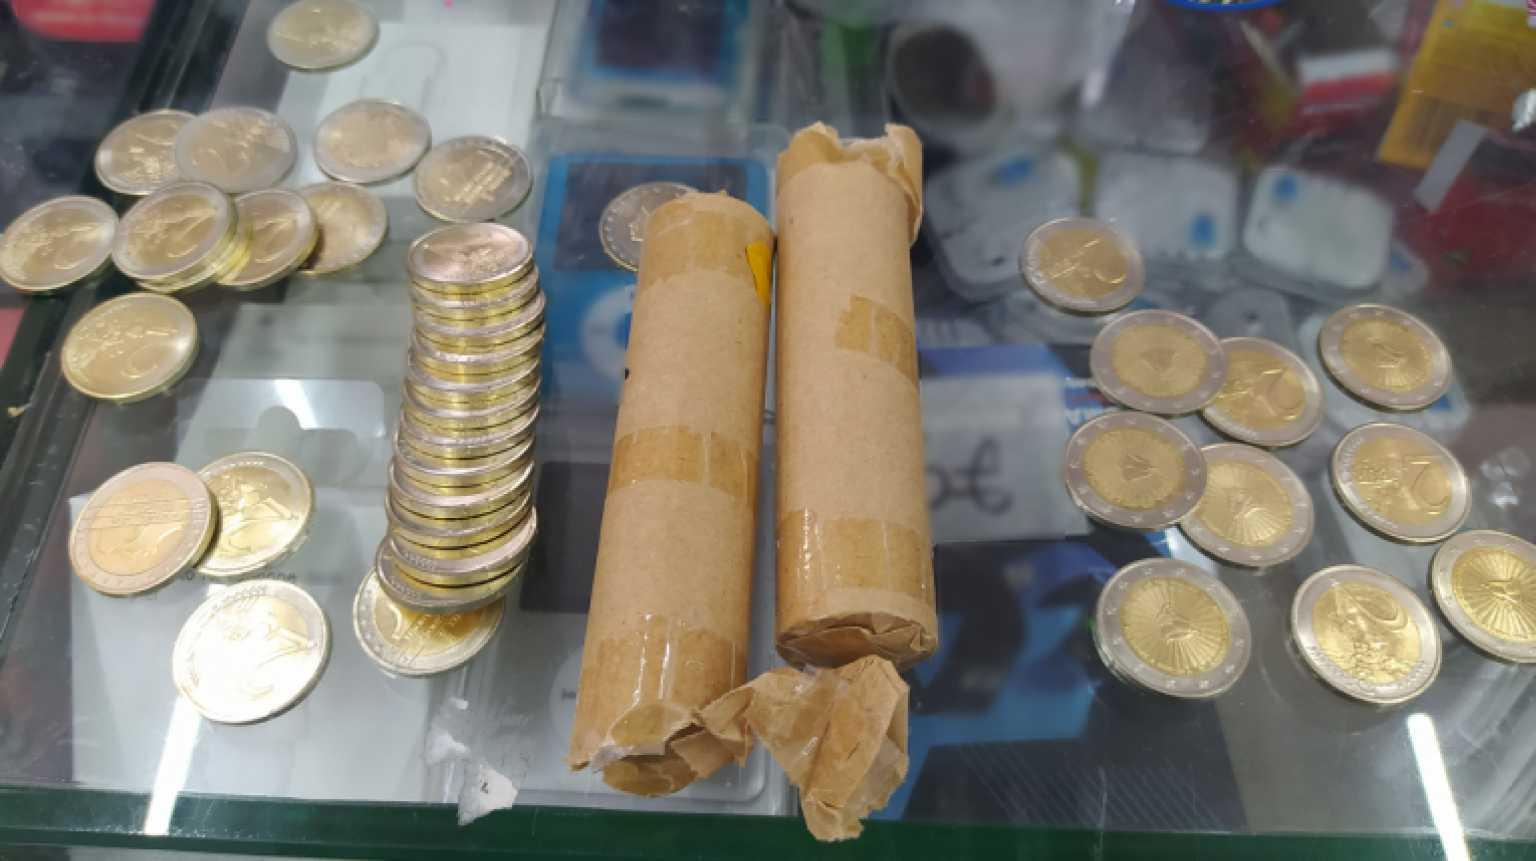 Θεσσαλονίκη: Αυτά είναι τα πλαστά νομίσματα των 2 ευρώ που έριξαν στην αγορά – Δείτε τι έφτιαξαν